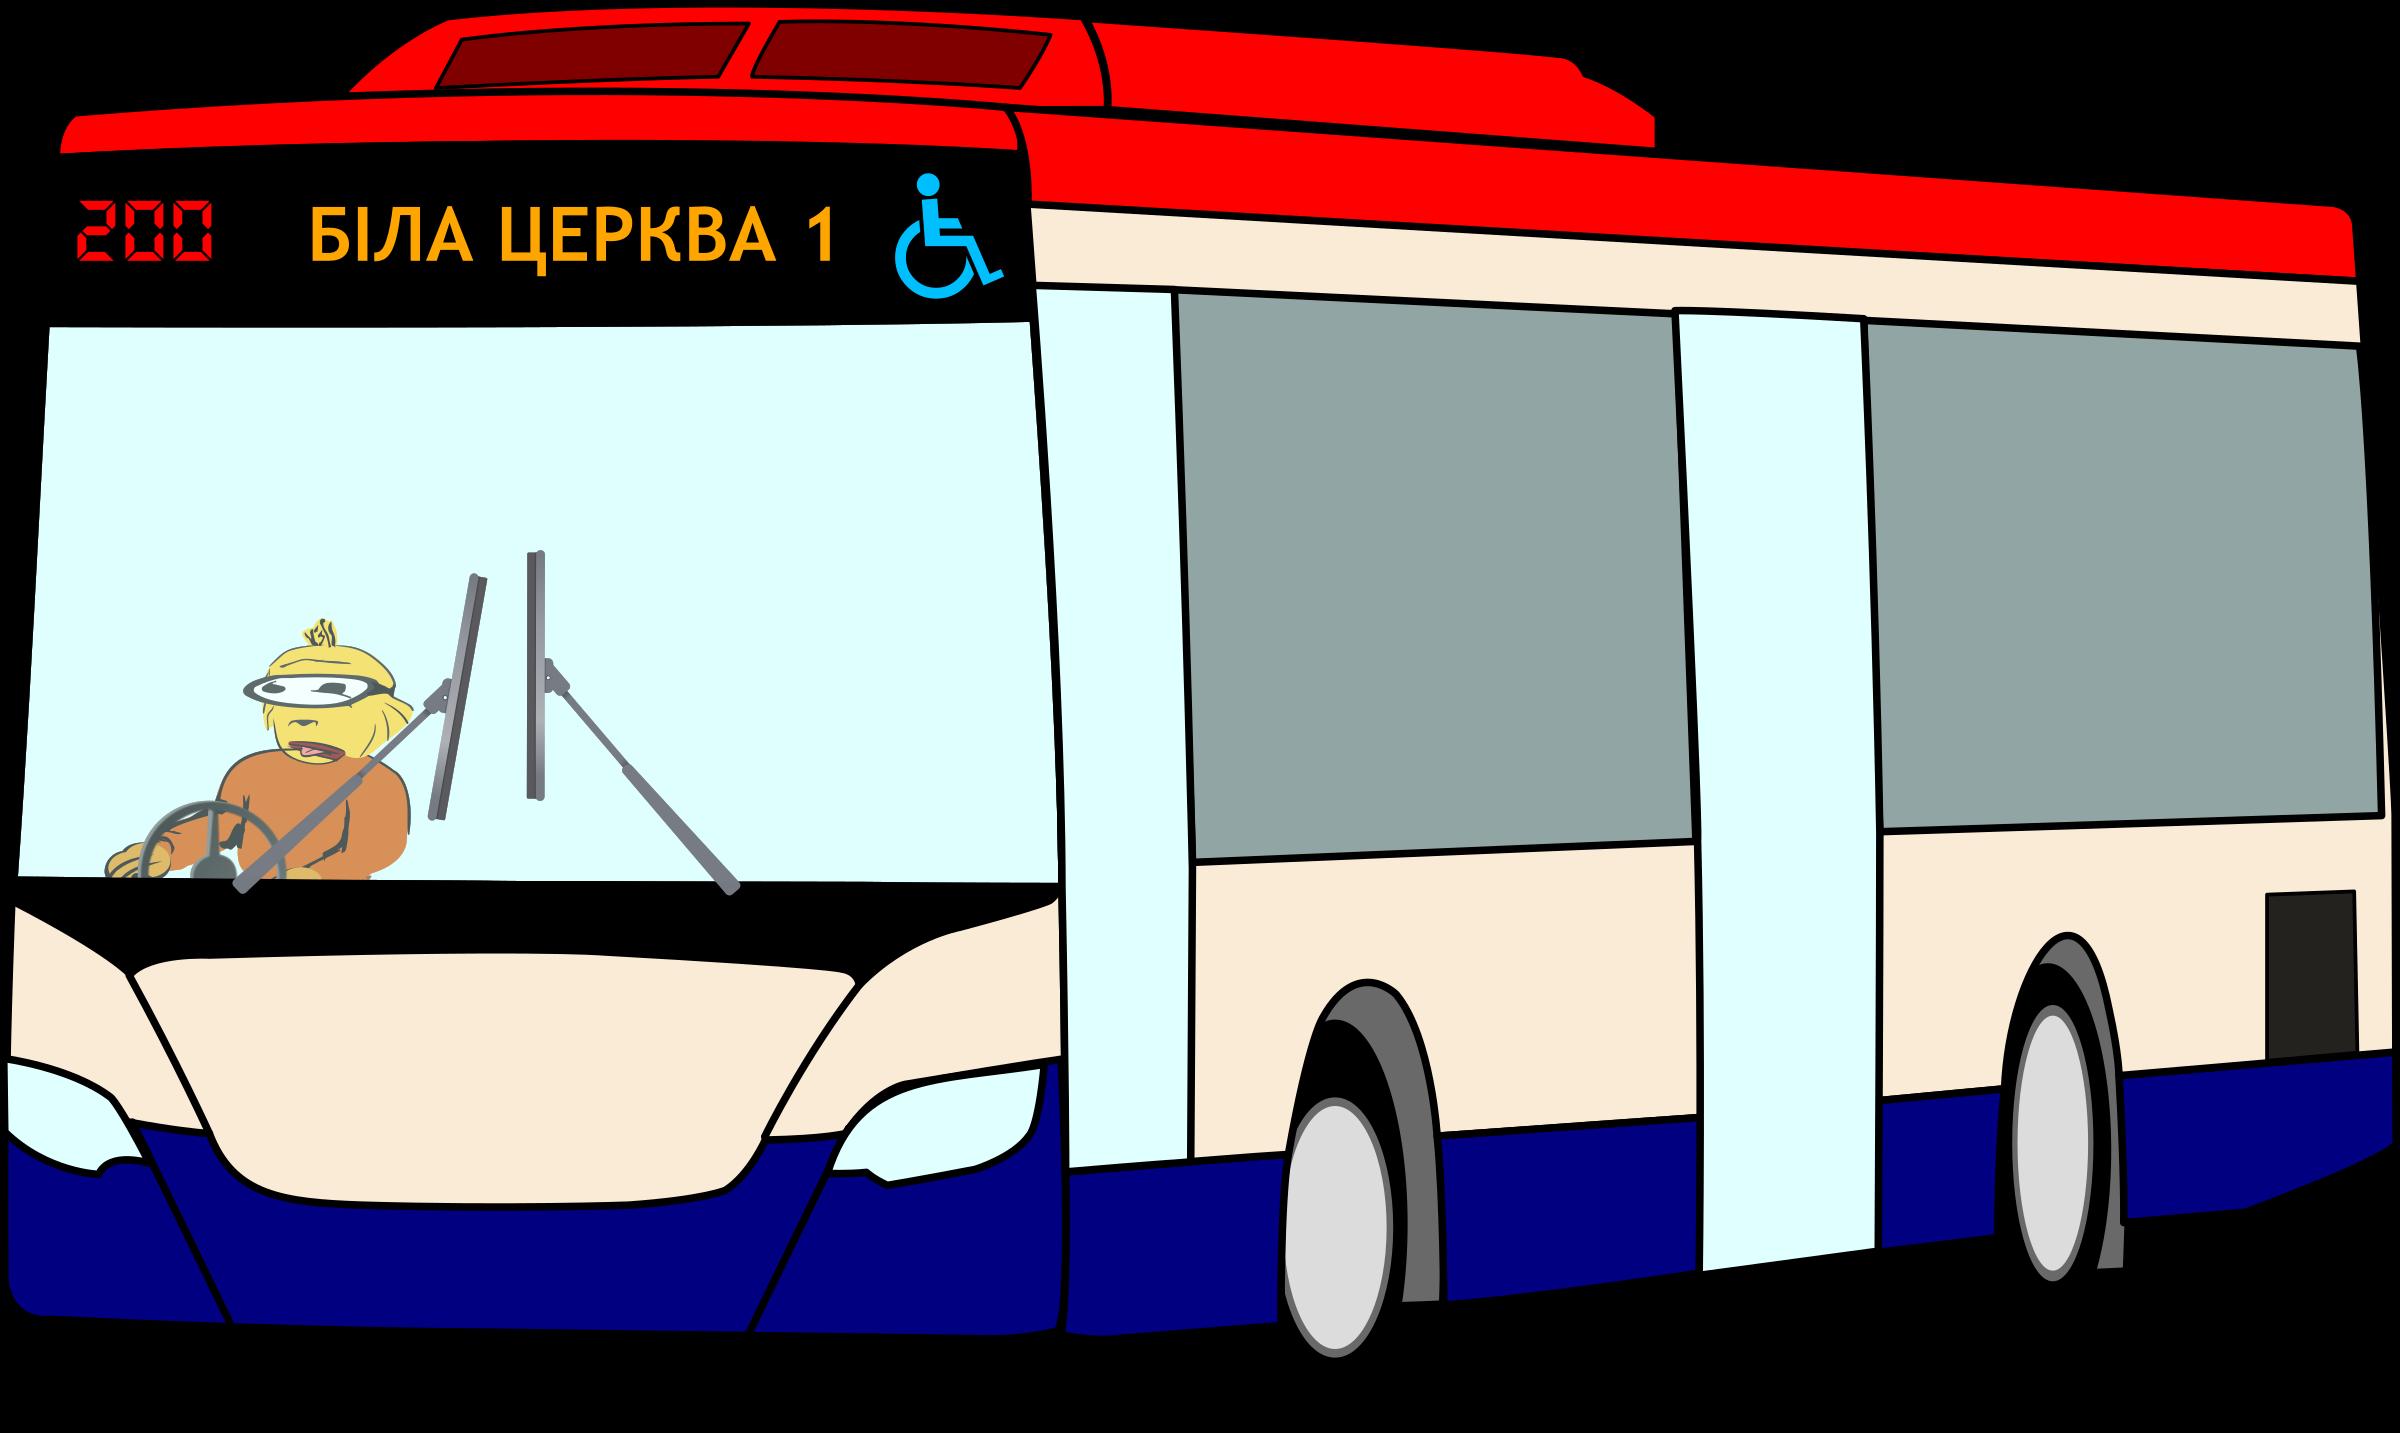 Transportation clipart rapid, Transportation rapid.